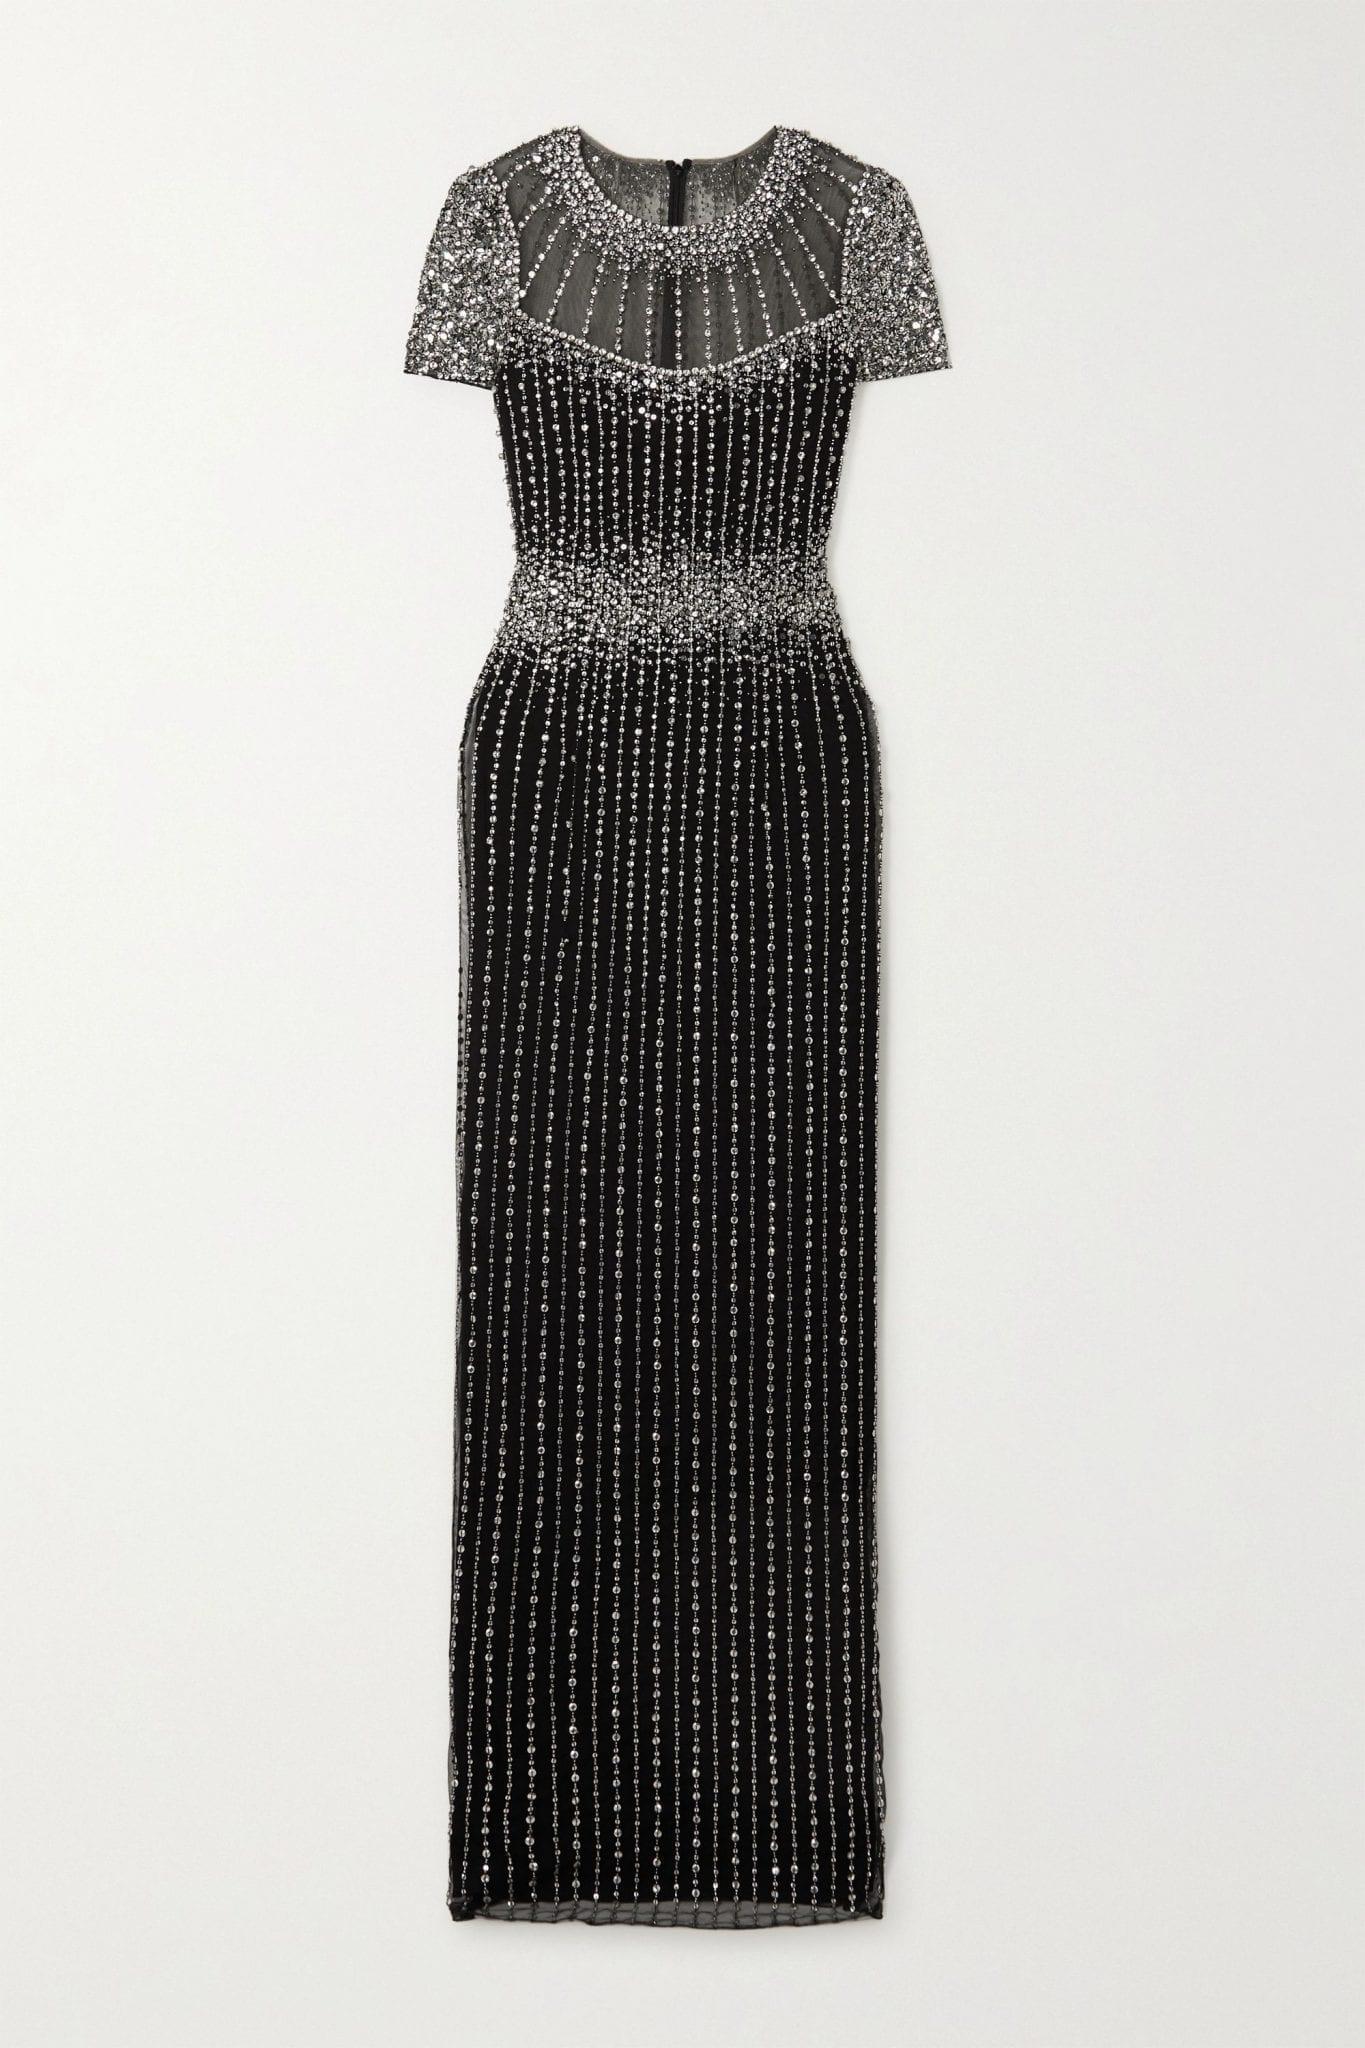 JENNY PACKHAM Delilah Embellished Tulle Gown